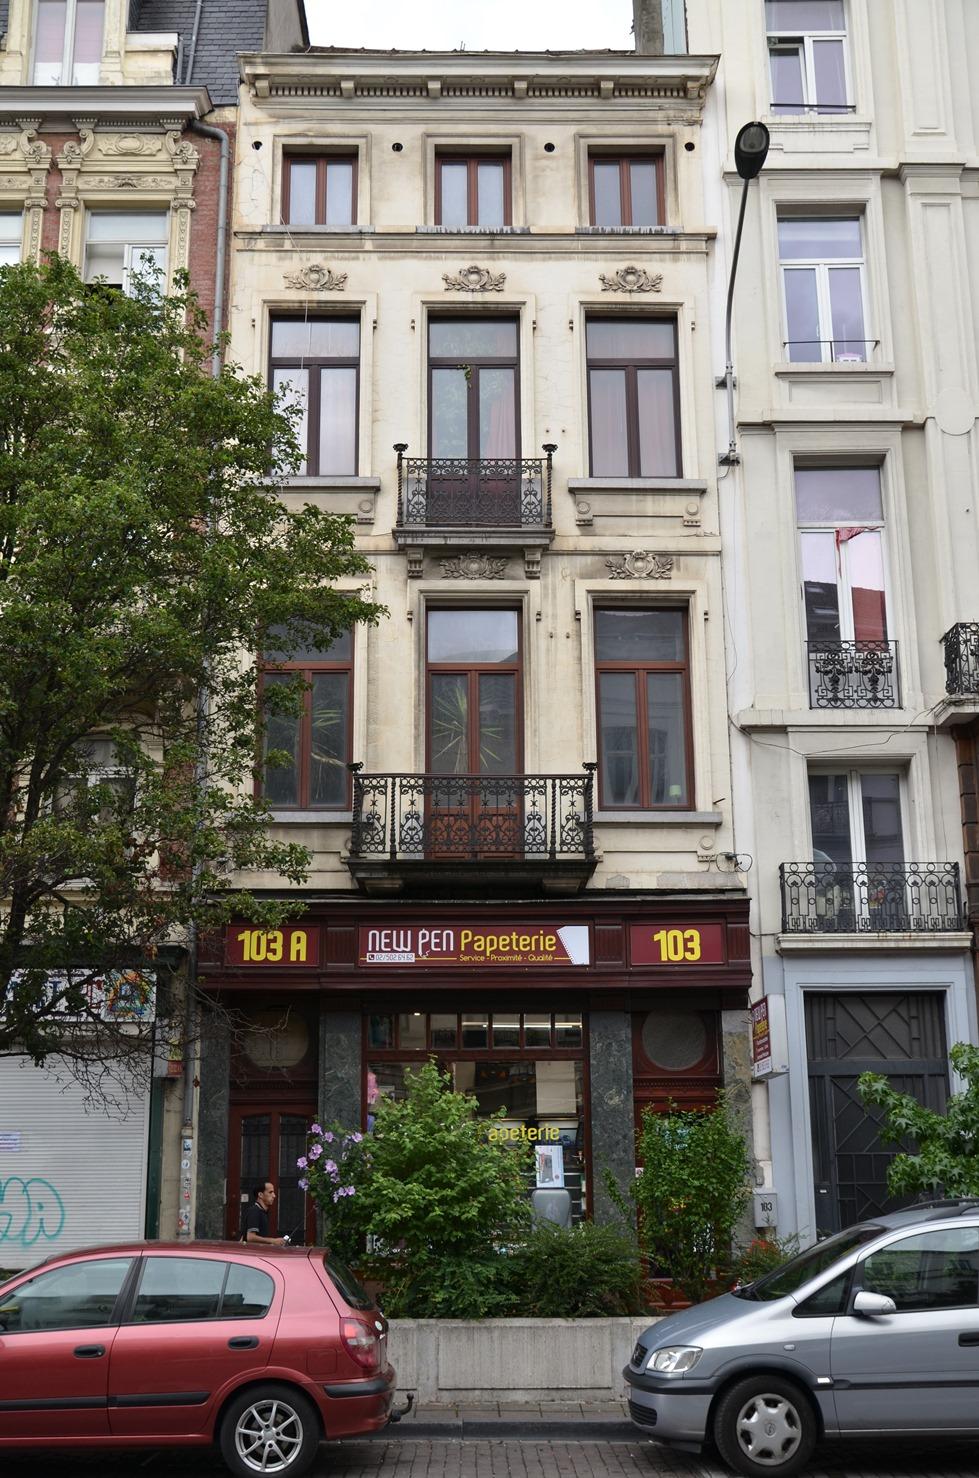 Boulevard Maurice Lemonnier 103-103a, 2015